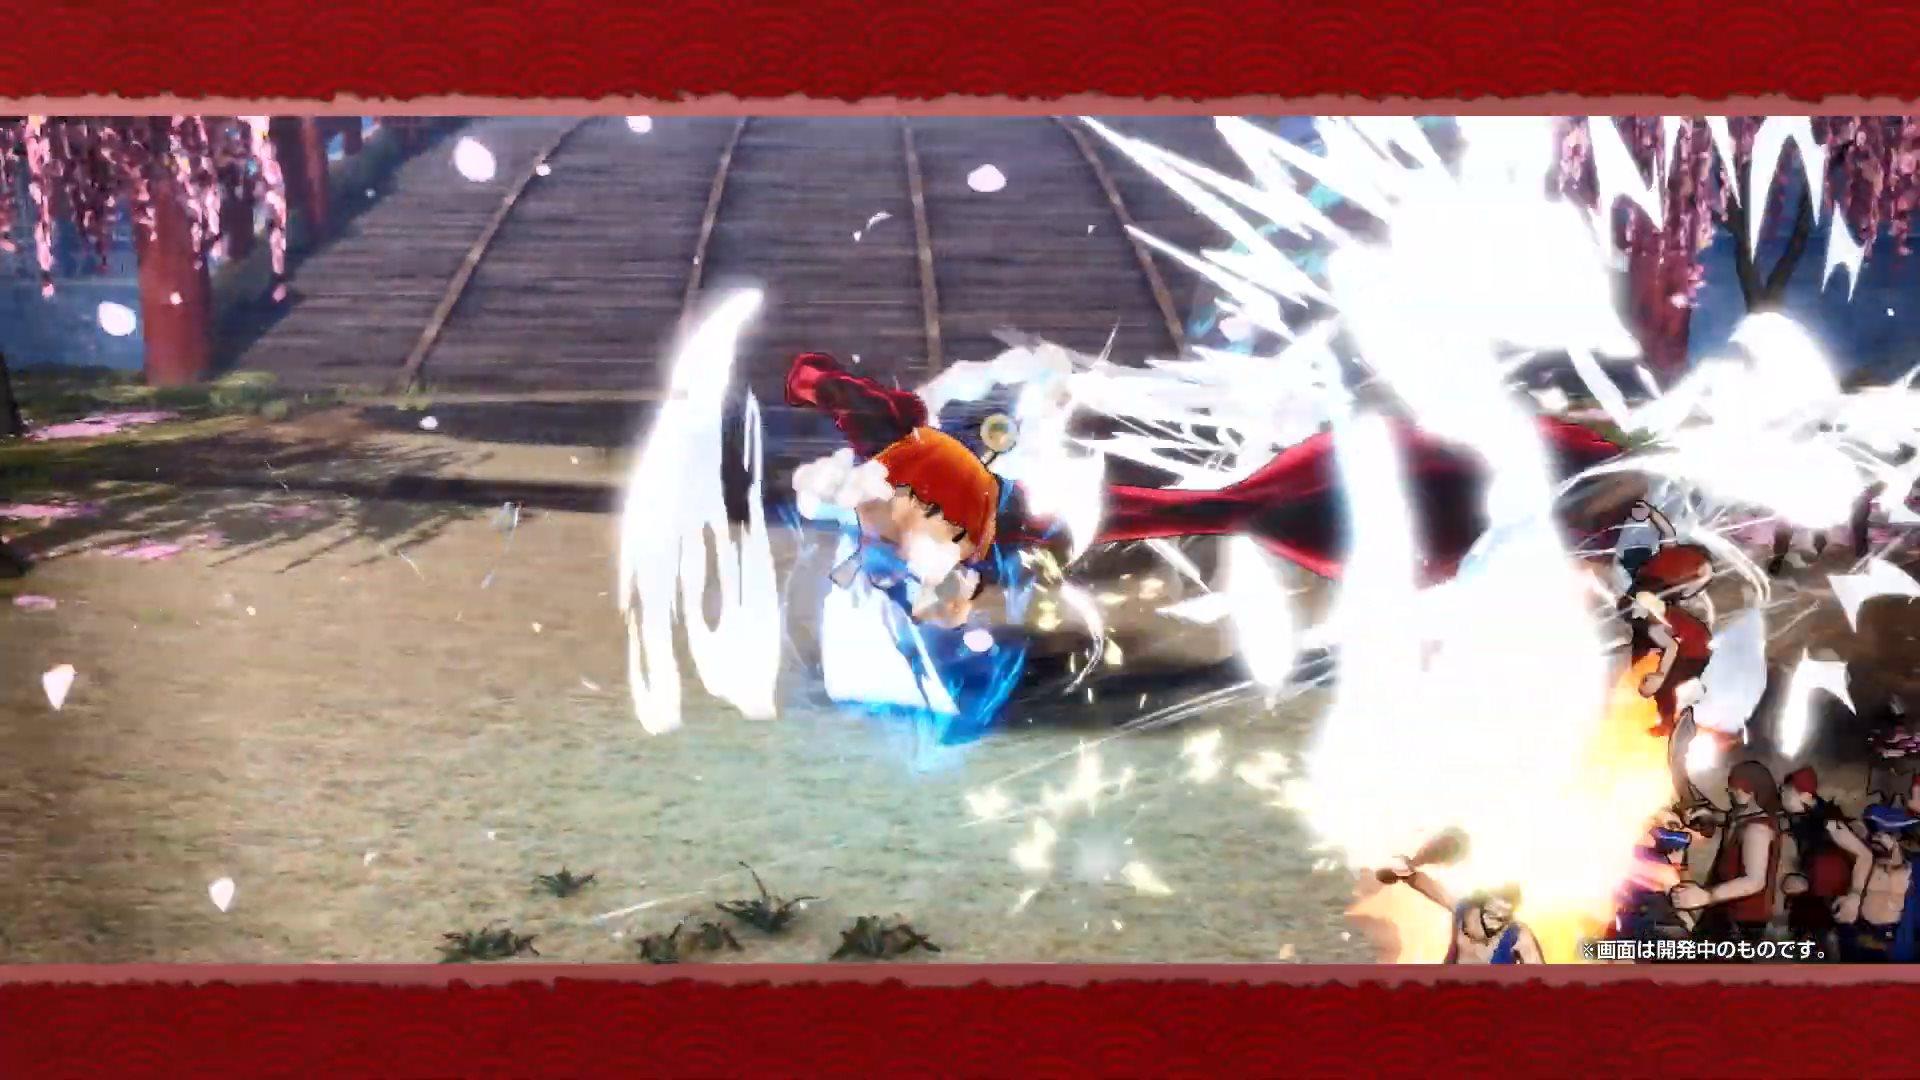 《海贼无双4》第二支预告片公布 和之国篇章大幕拉开